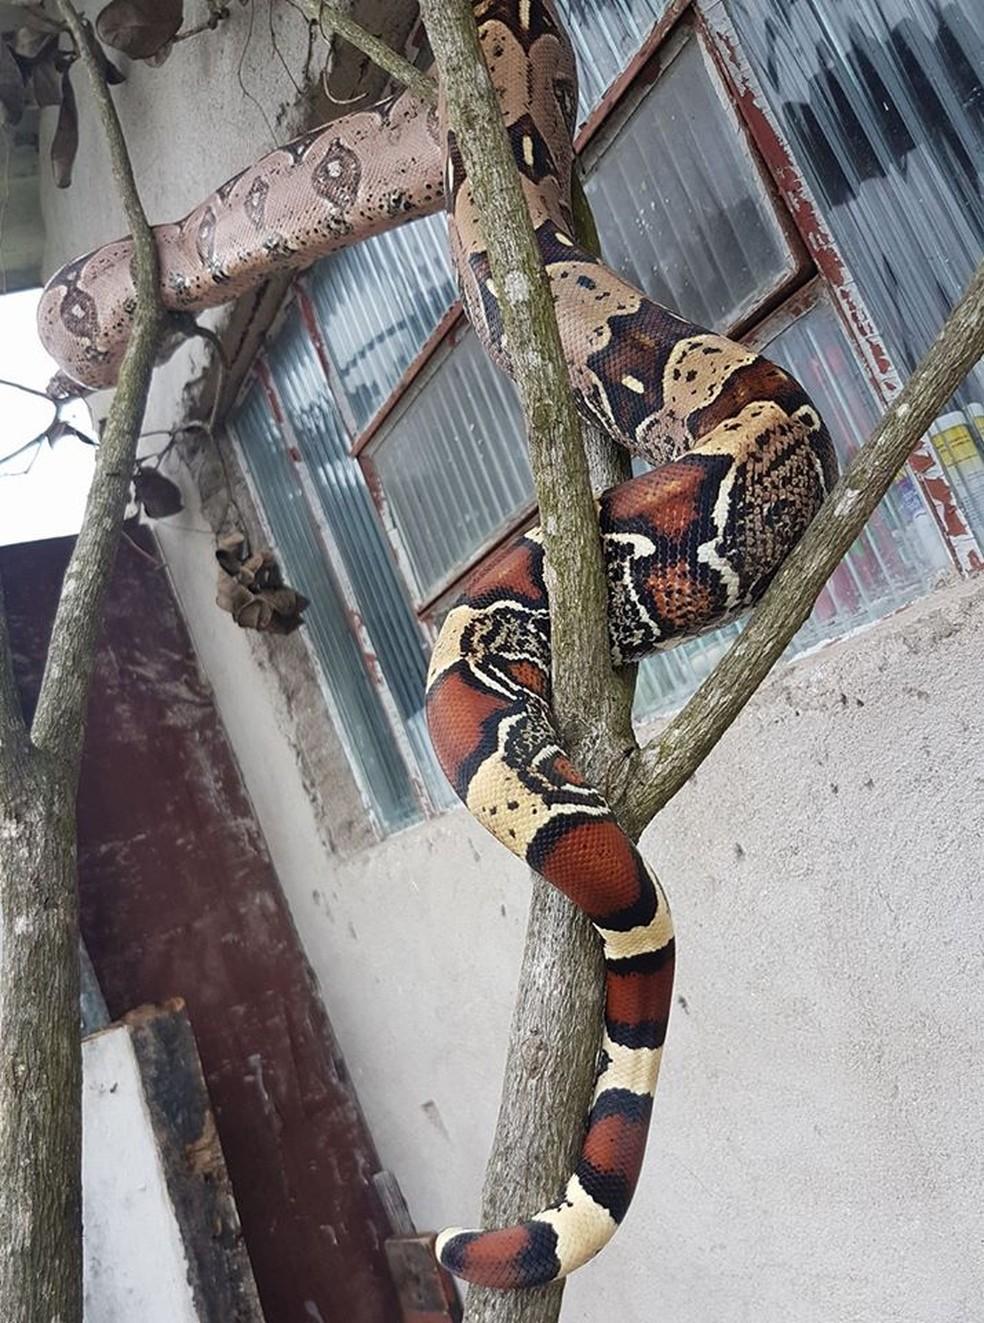 Uma das cobras, uma jiboia, chamava-se Ísis. Ela foi achada carbonizada na residência, em Itanhaém (SP) — Foto: Reprodução/Facebook